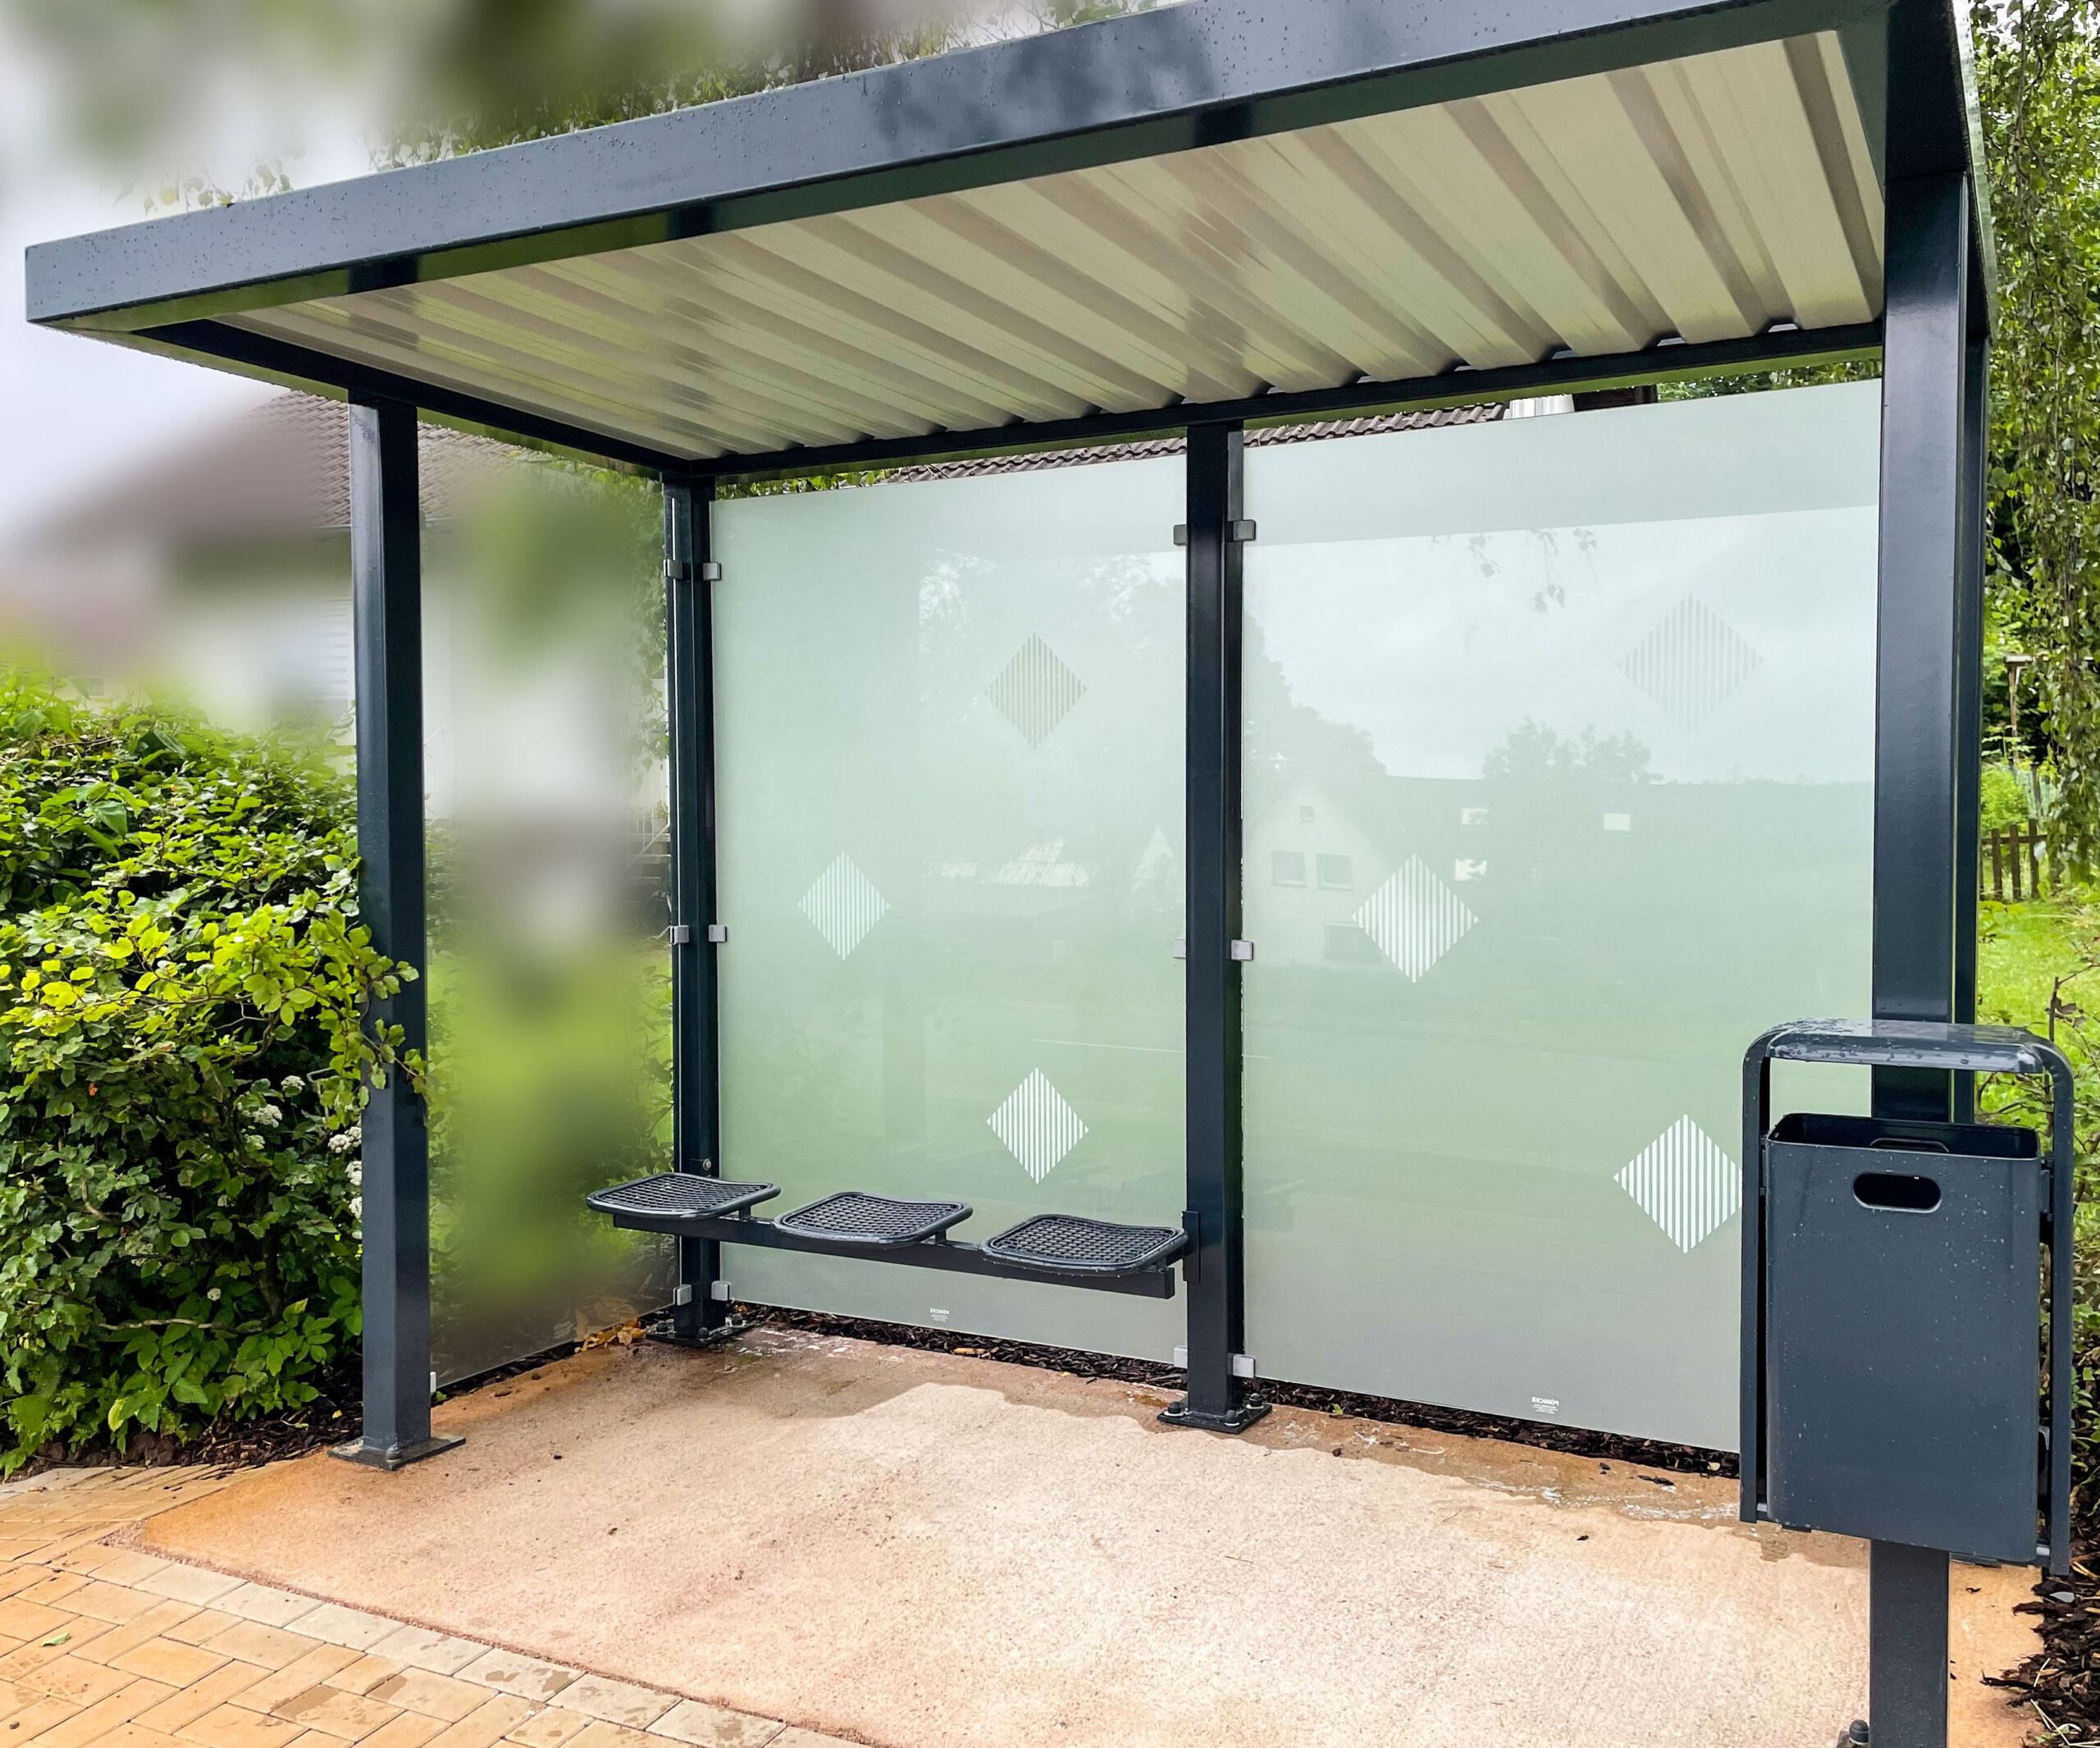 Gemeinde Extertal – Glasdekor Sichtschutz